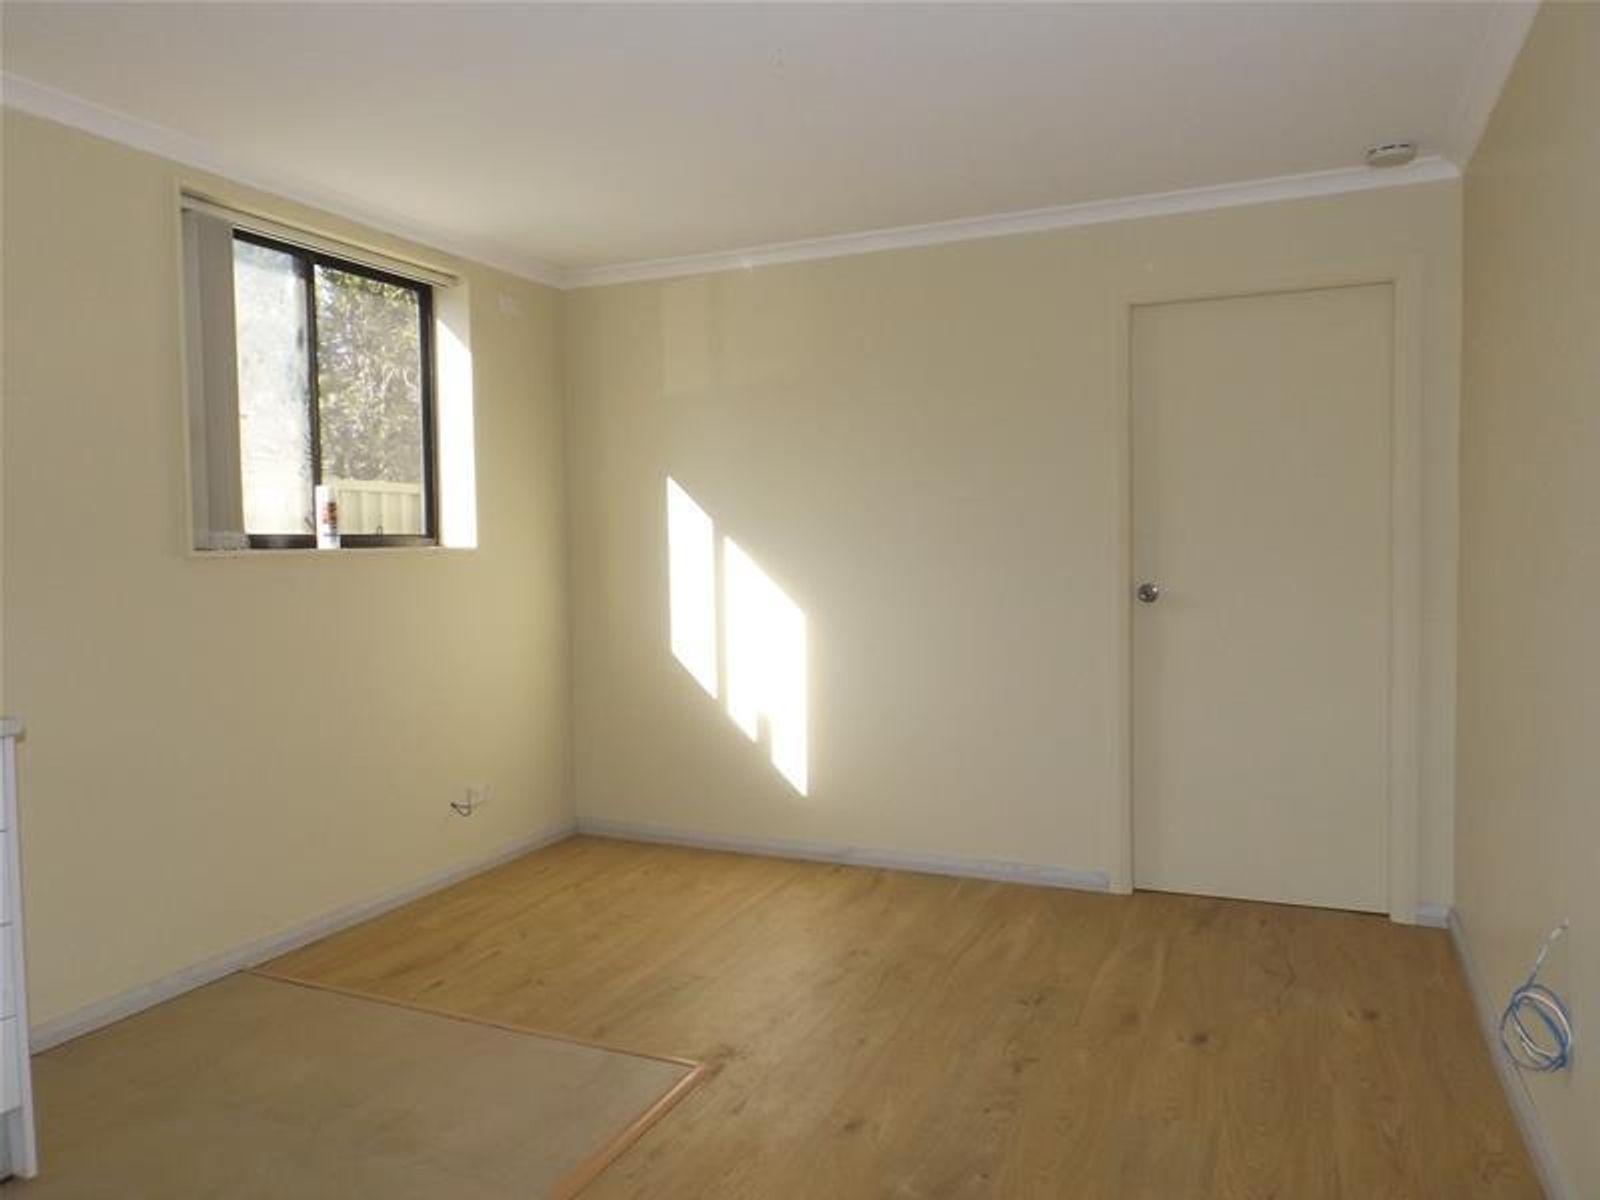 2B Kembla Avenue, Chester Hill, NSW 2162